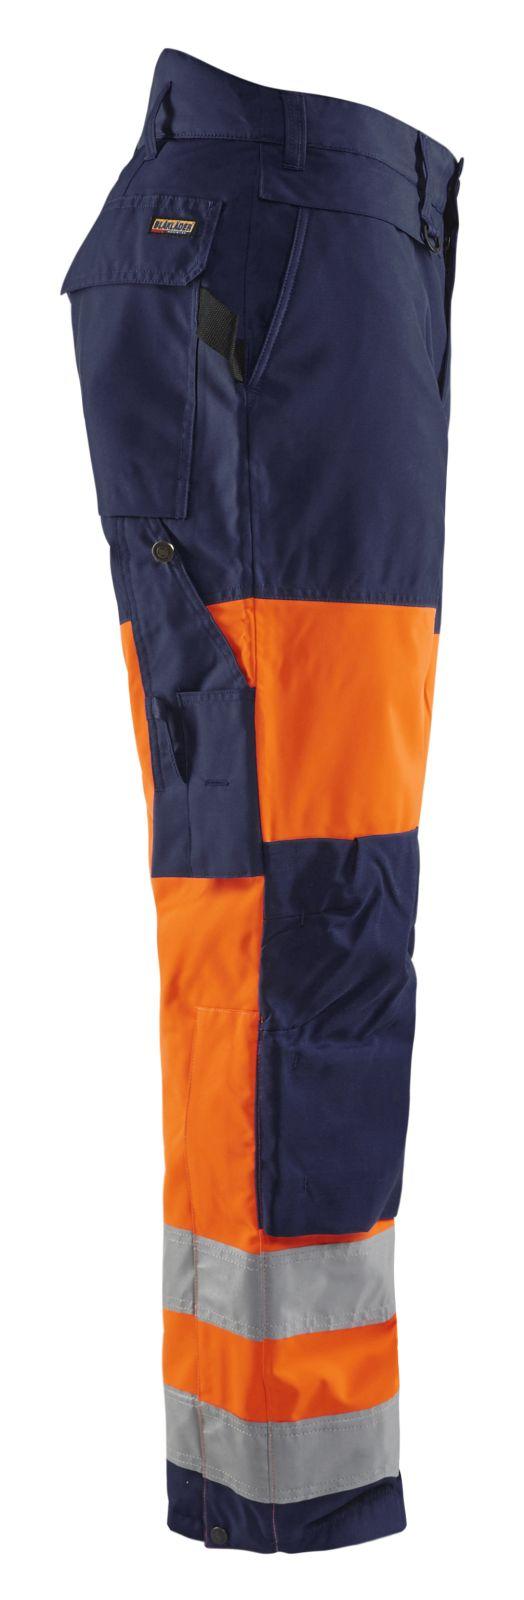 Blaklader Winterwerkbroeken 18831997 High Vis oranje-marineblauw(5389)